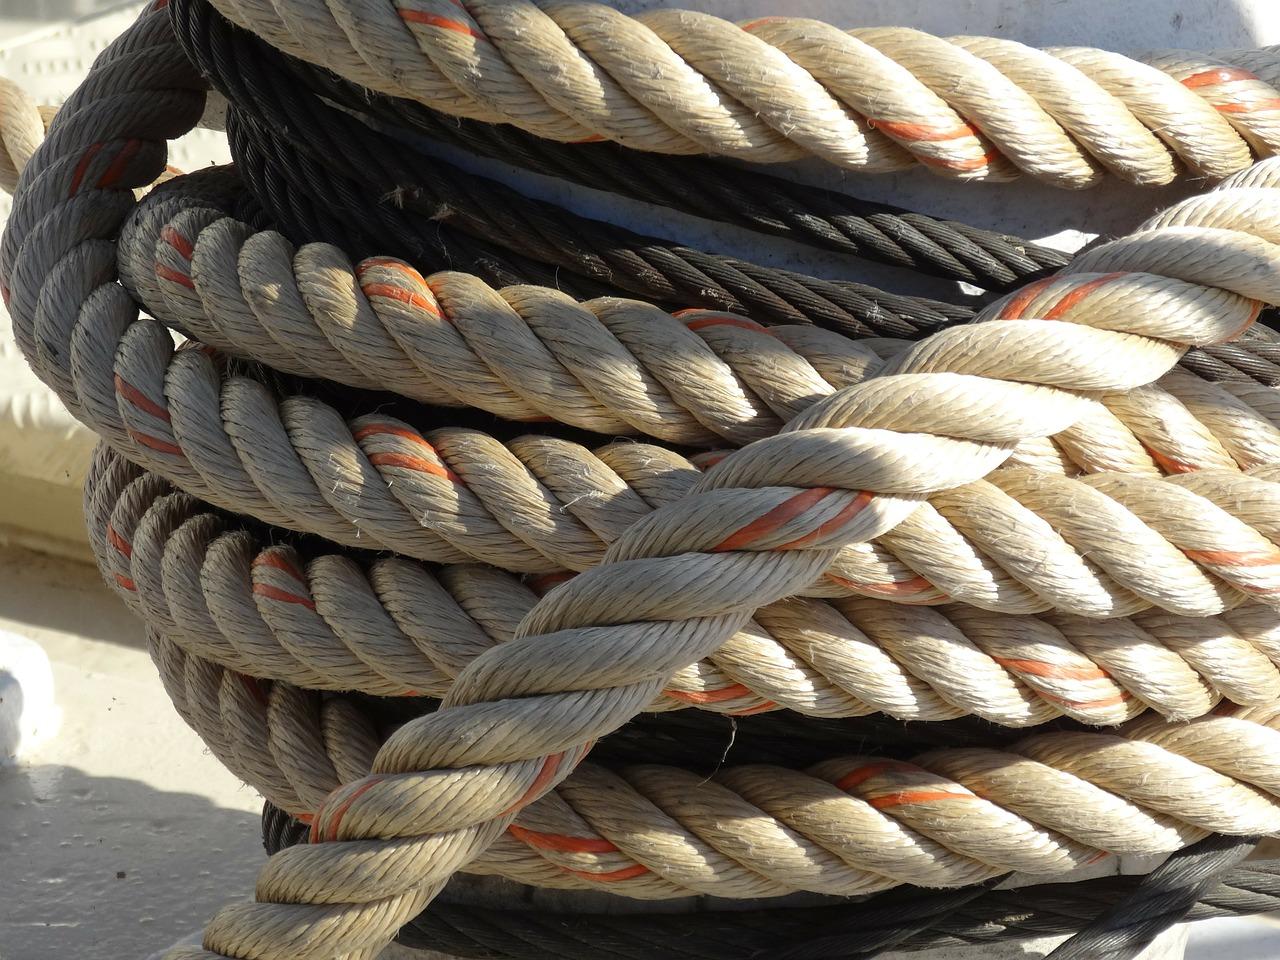 mooring-rope-238925_1280.jpg